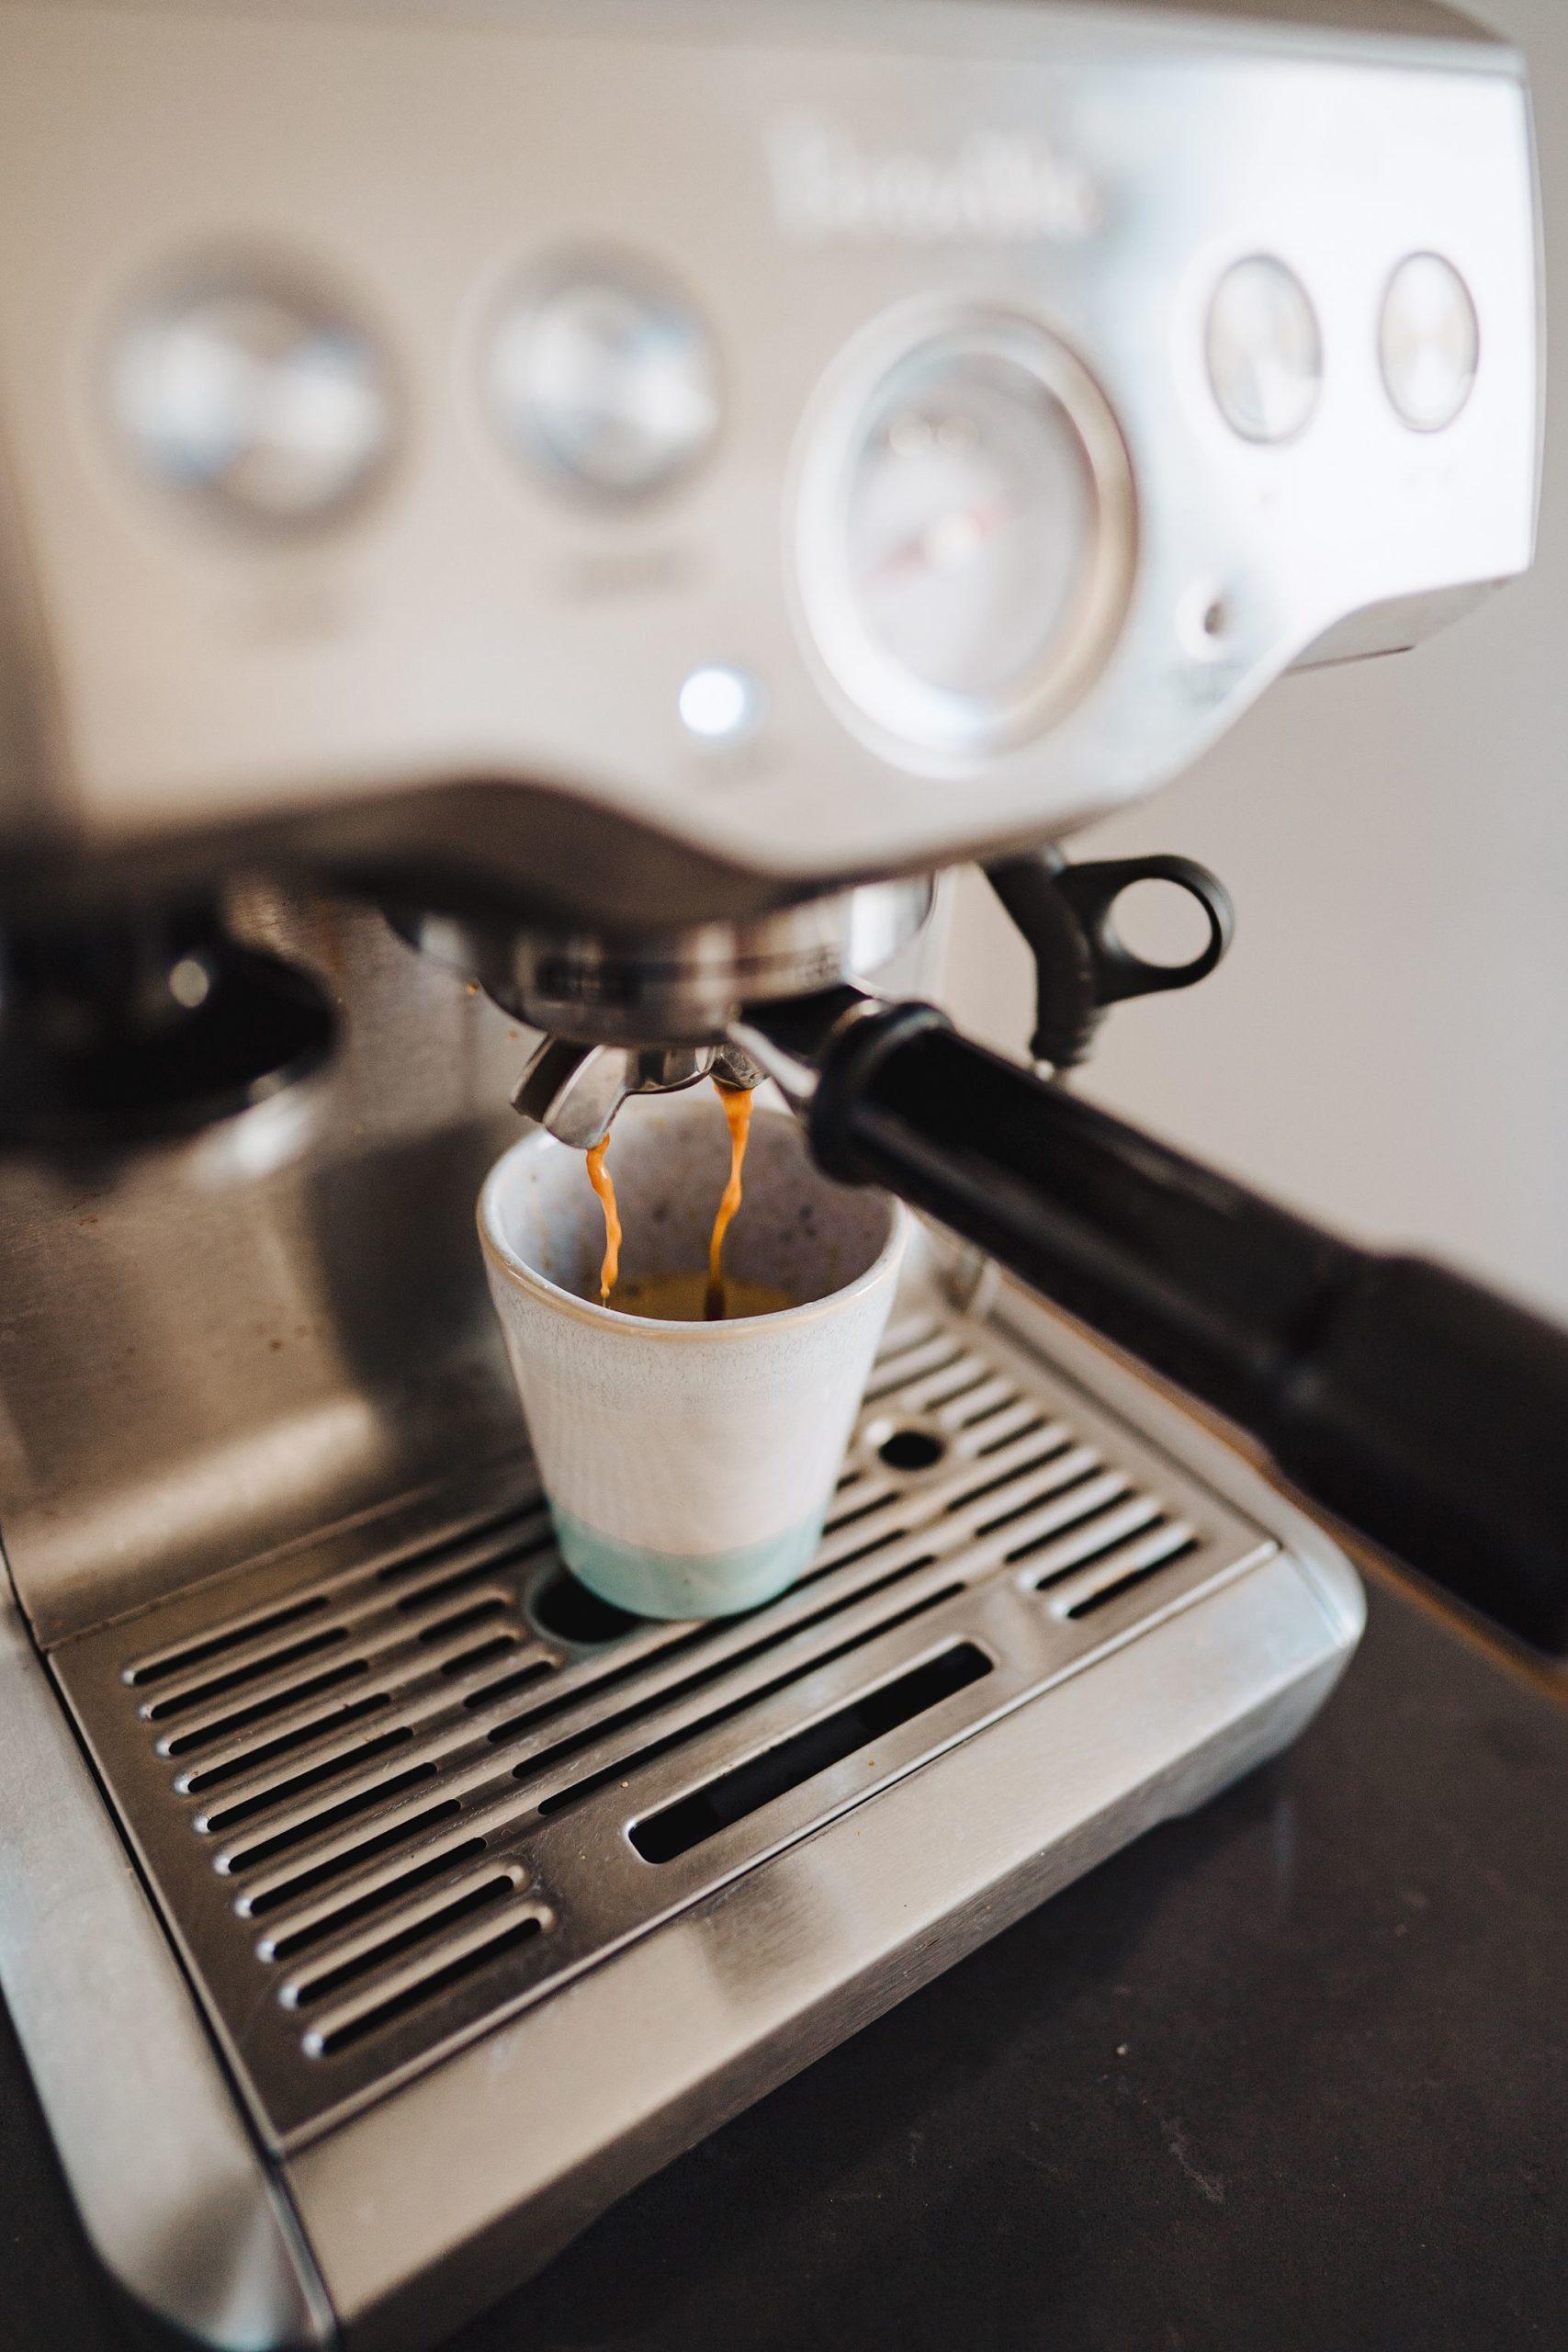 coffee in an espresso machine